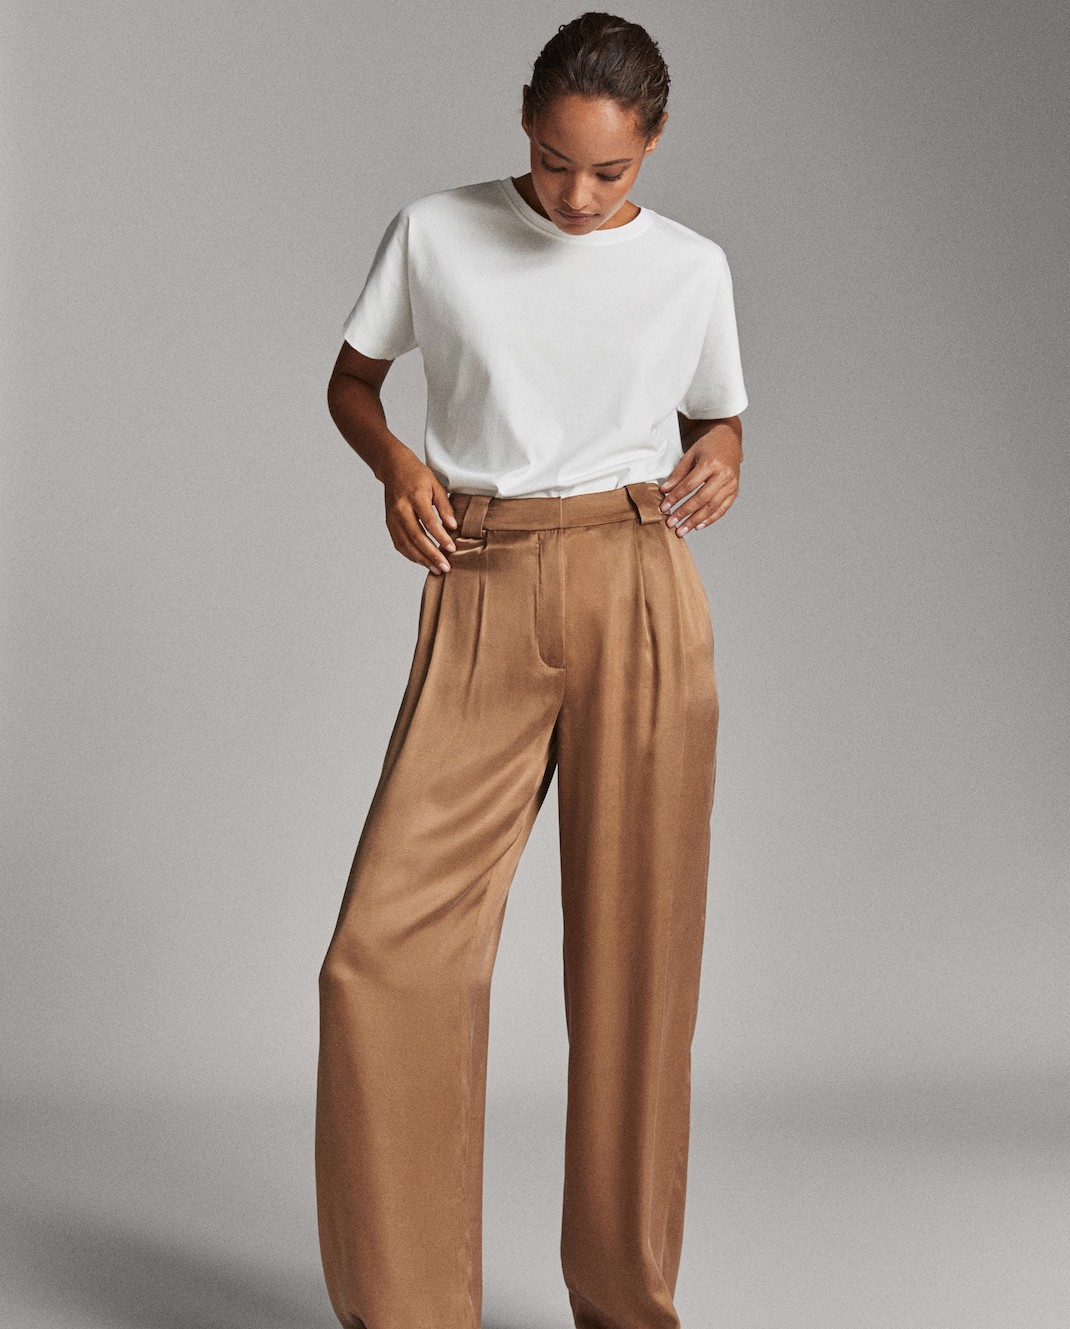 μοντέλο με παντελόνι και τοπ Masssimo Dutti